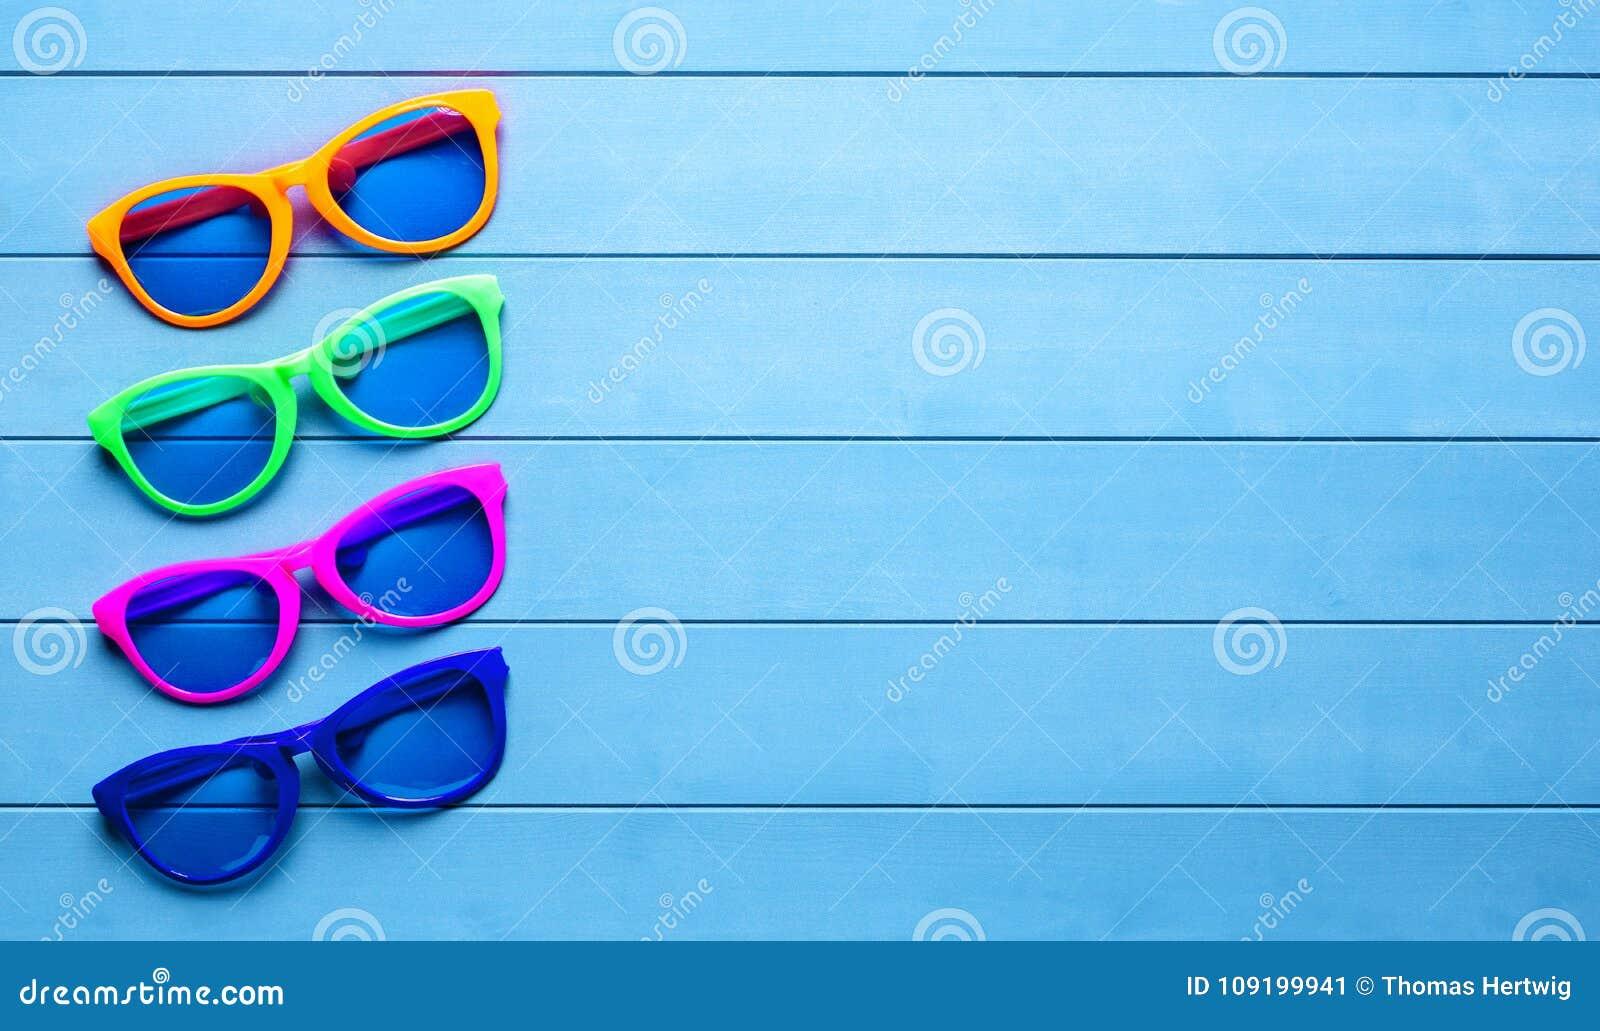 d65e57e702 Fondo Madera Azul Colección Gafas Sol Imagen De En Coloridas dCWxBreo